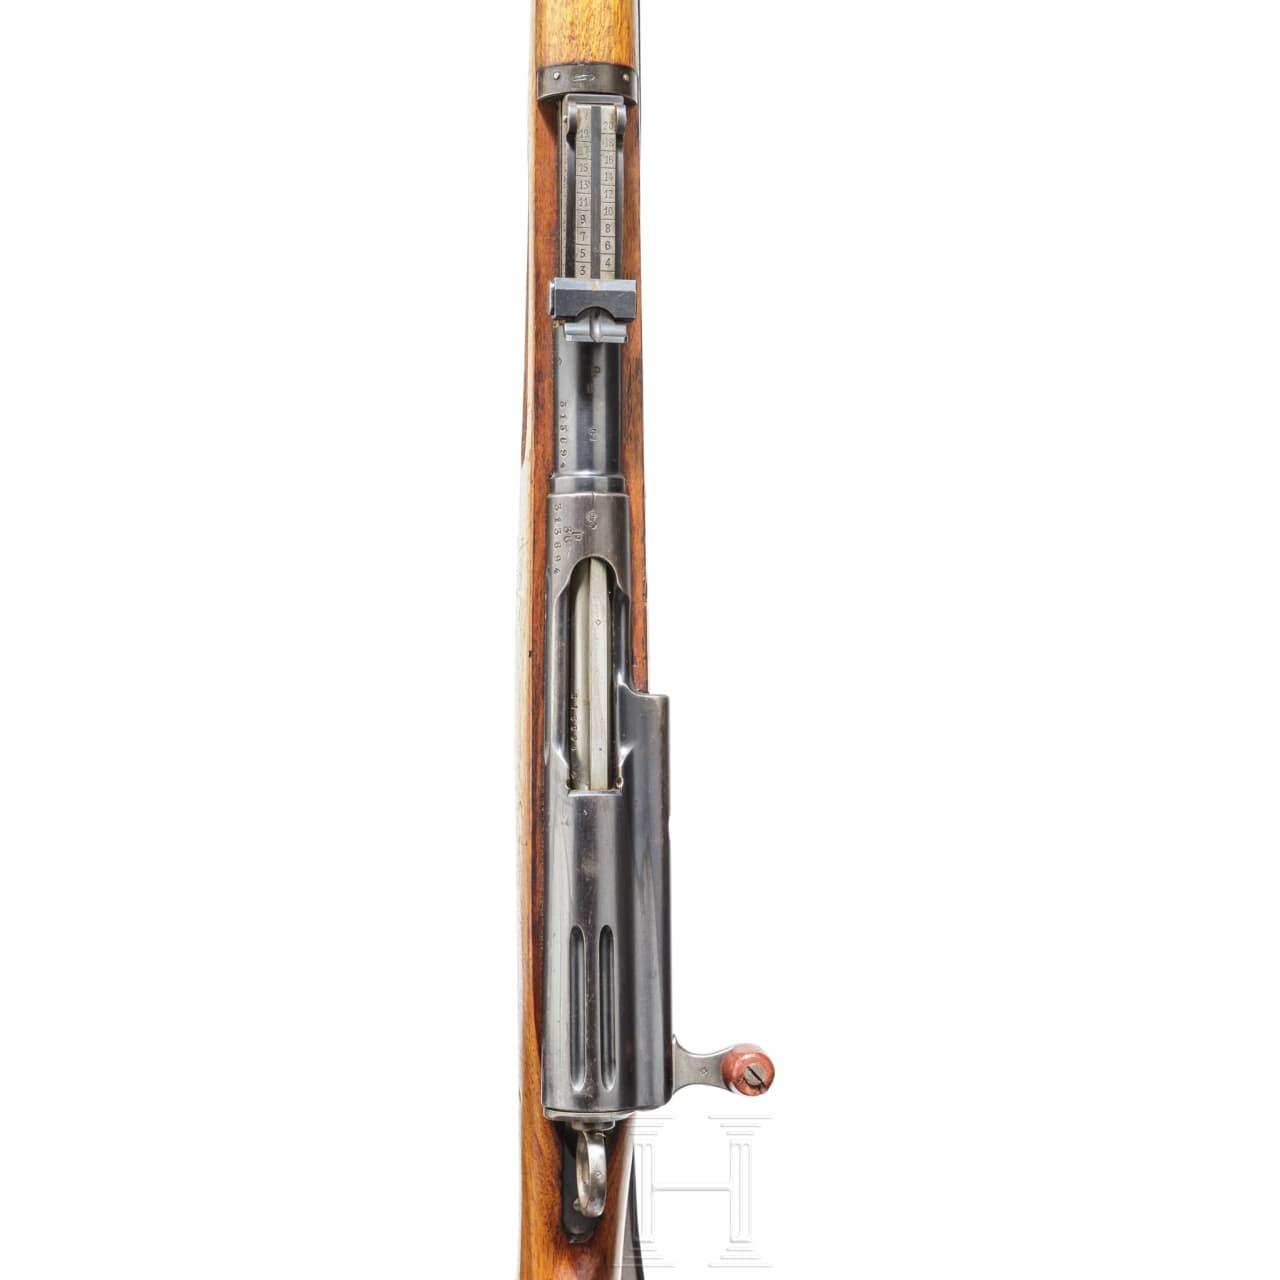 Infanteriegewehr Mod. 1896/1911, W+F Bern